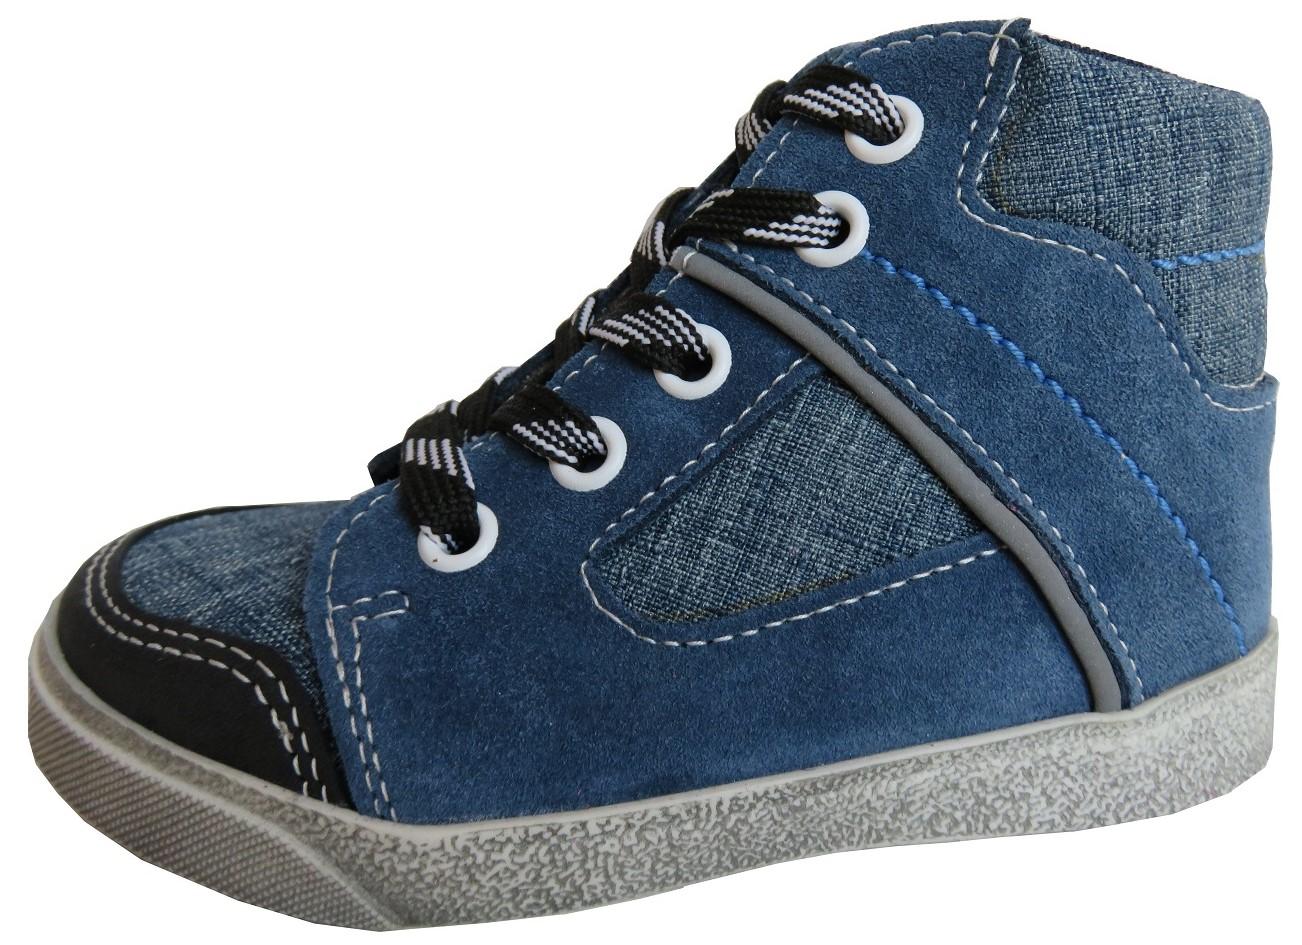 Dětské celoroční boty Jonap 052 modré Velikost: 25 (EU)